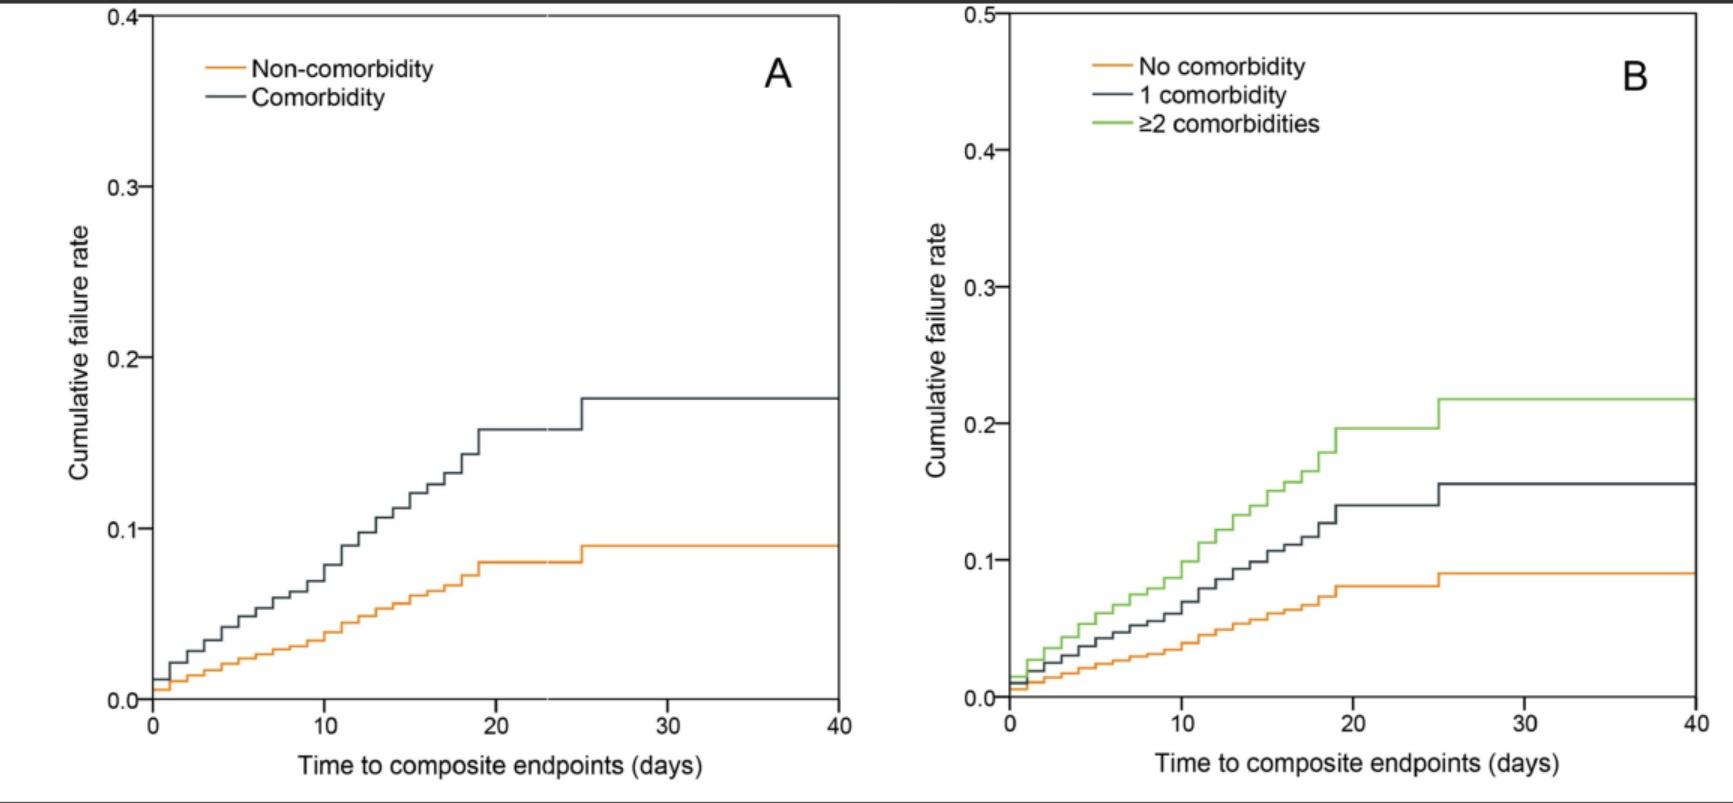 [蓝冠]山领衔最新新冠研究系统评估蓝冠合并症影图片